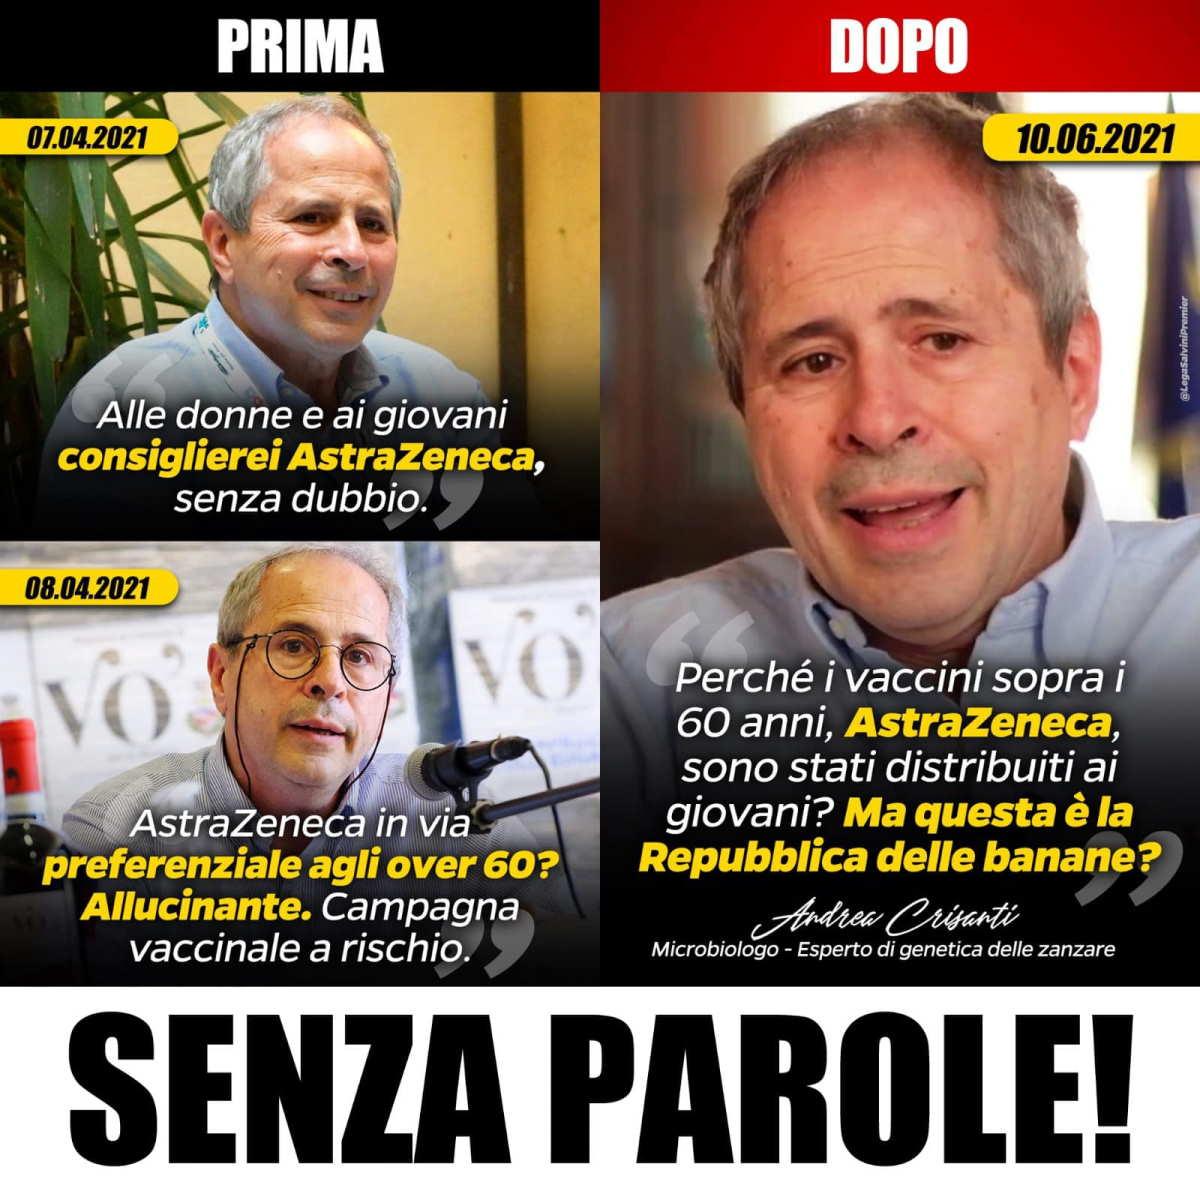 Ecco perché sulla vicenda AstraZeneca Salvini ha dimostrato di essere un leader da repubblica delle banane